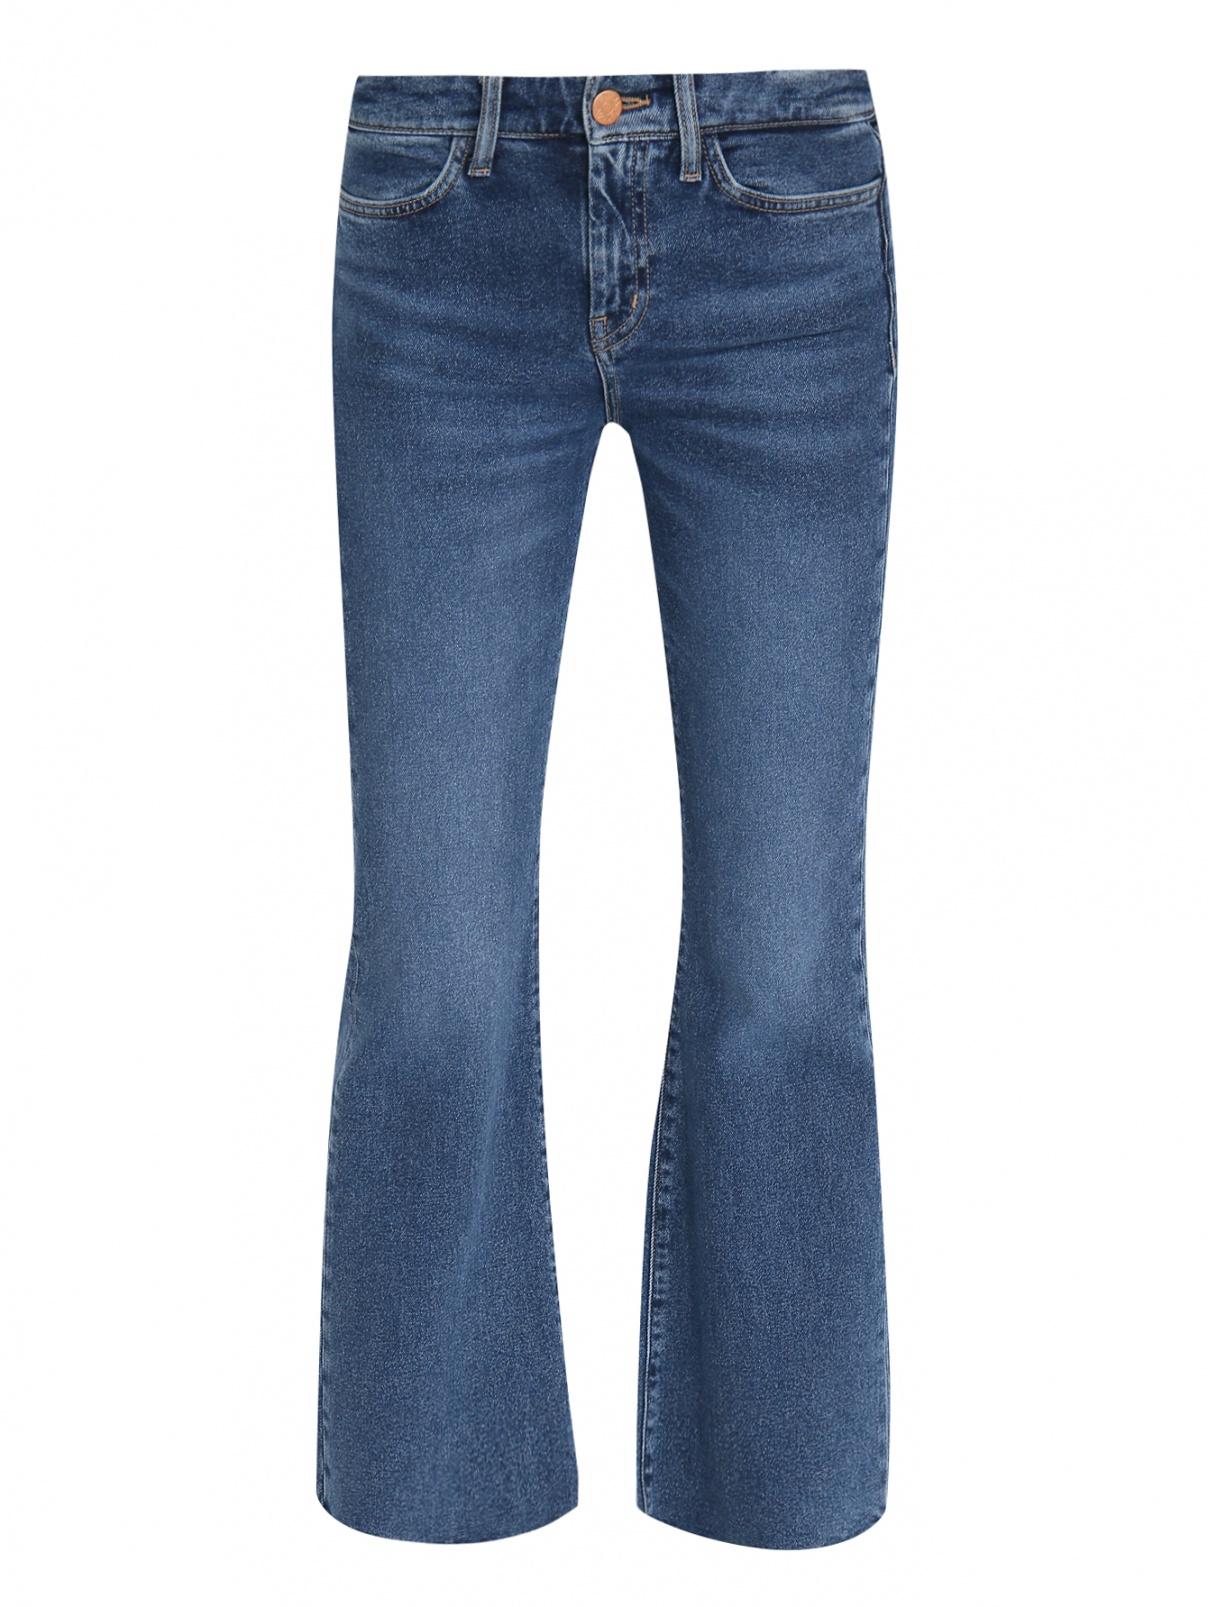 Широкие укороченные джинсы из темного денима M.i.h Jeans  –  Общий вид  – Цвет:  Синий